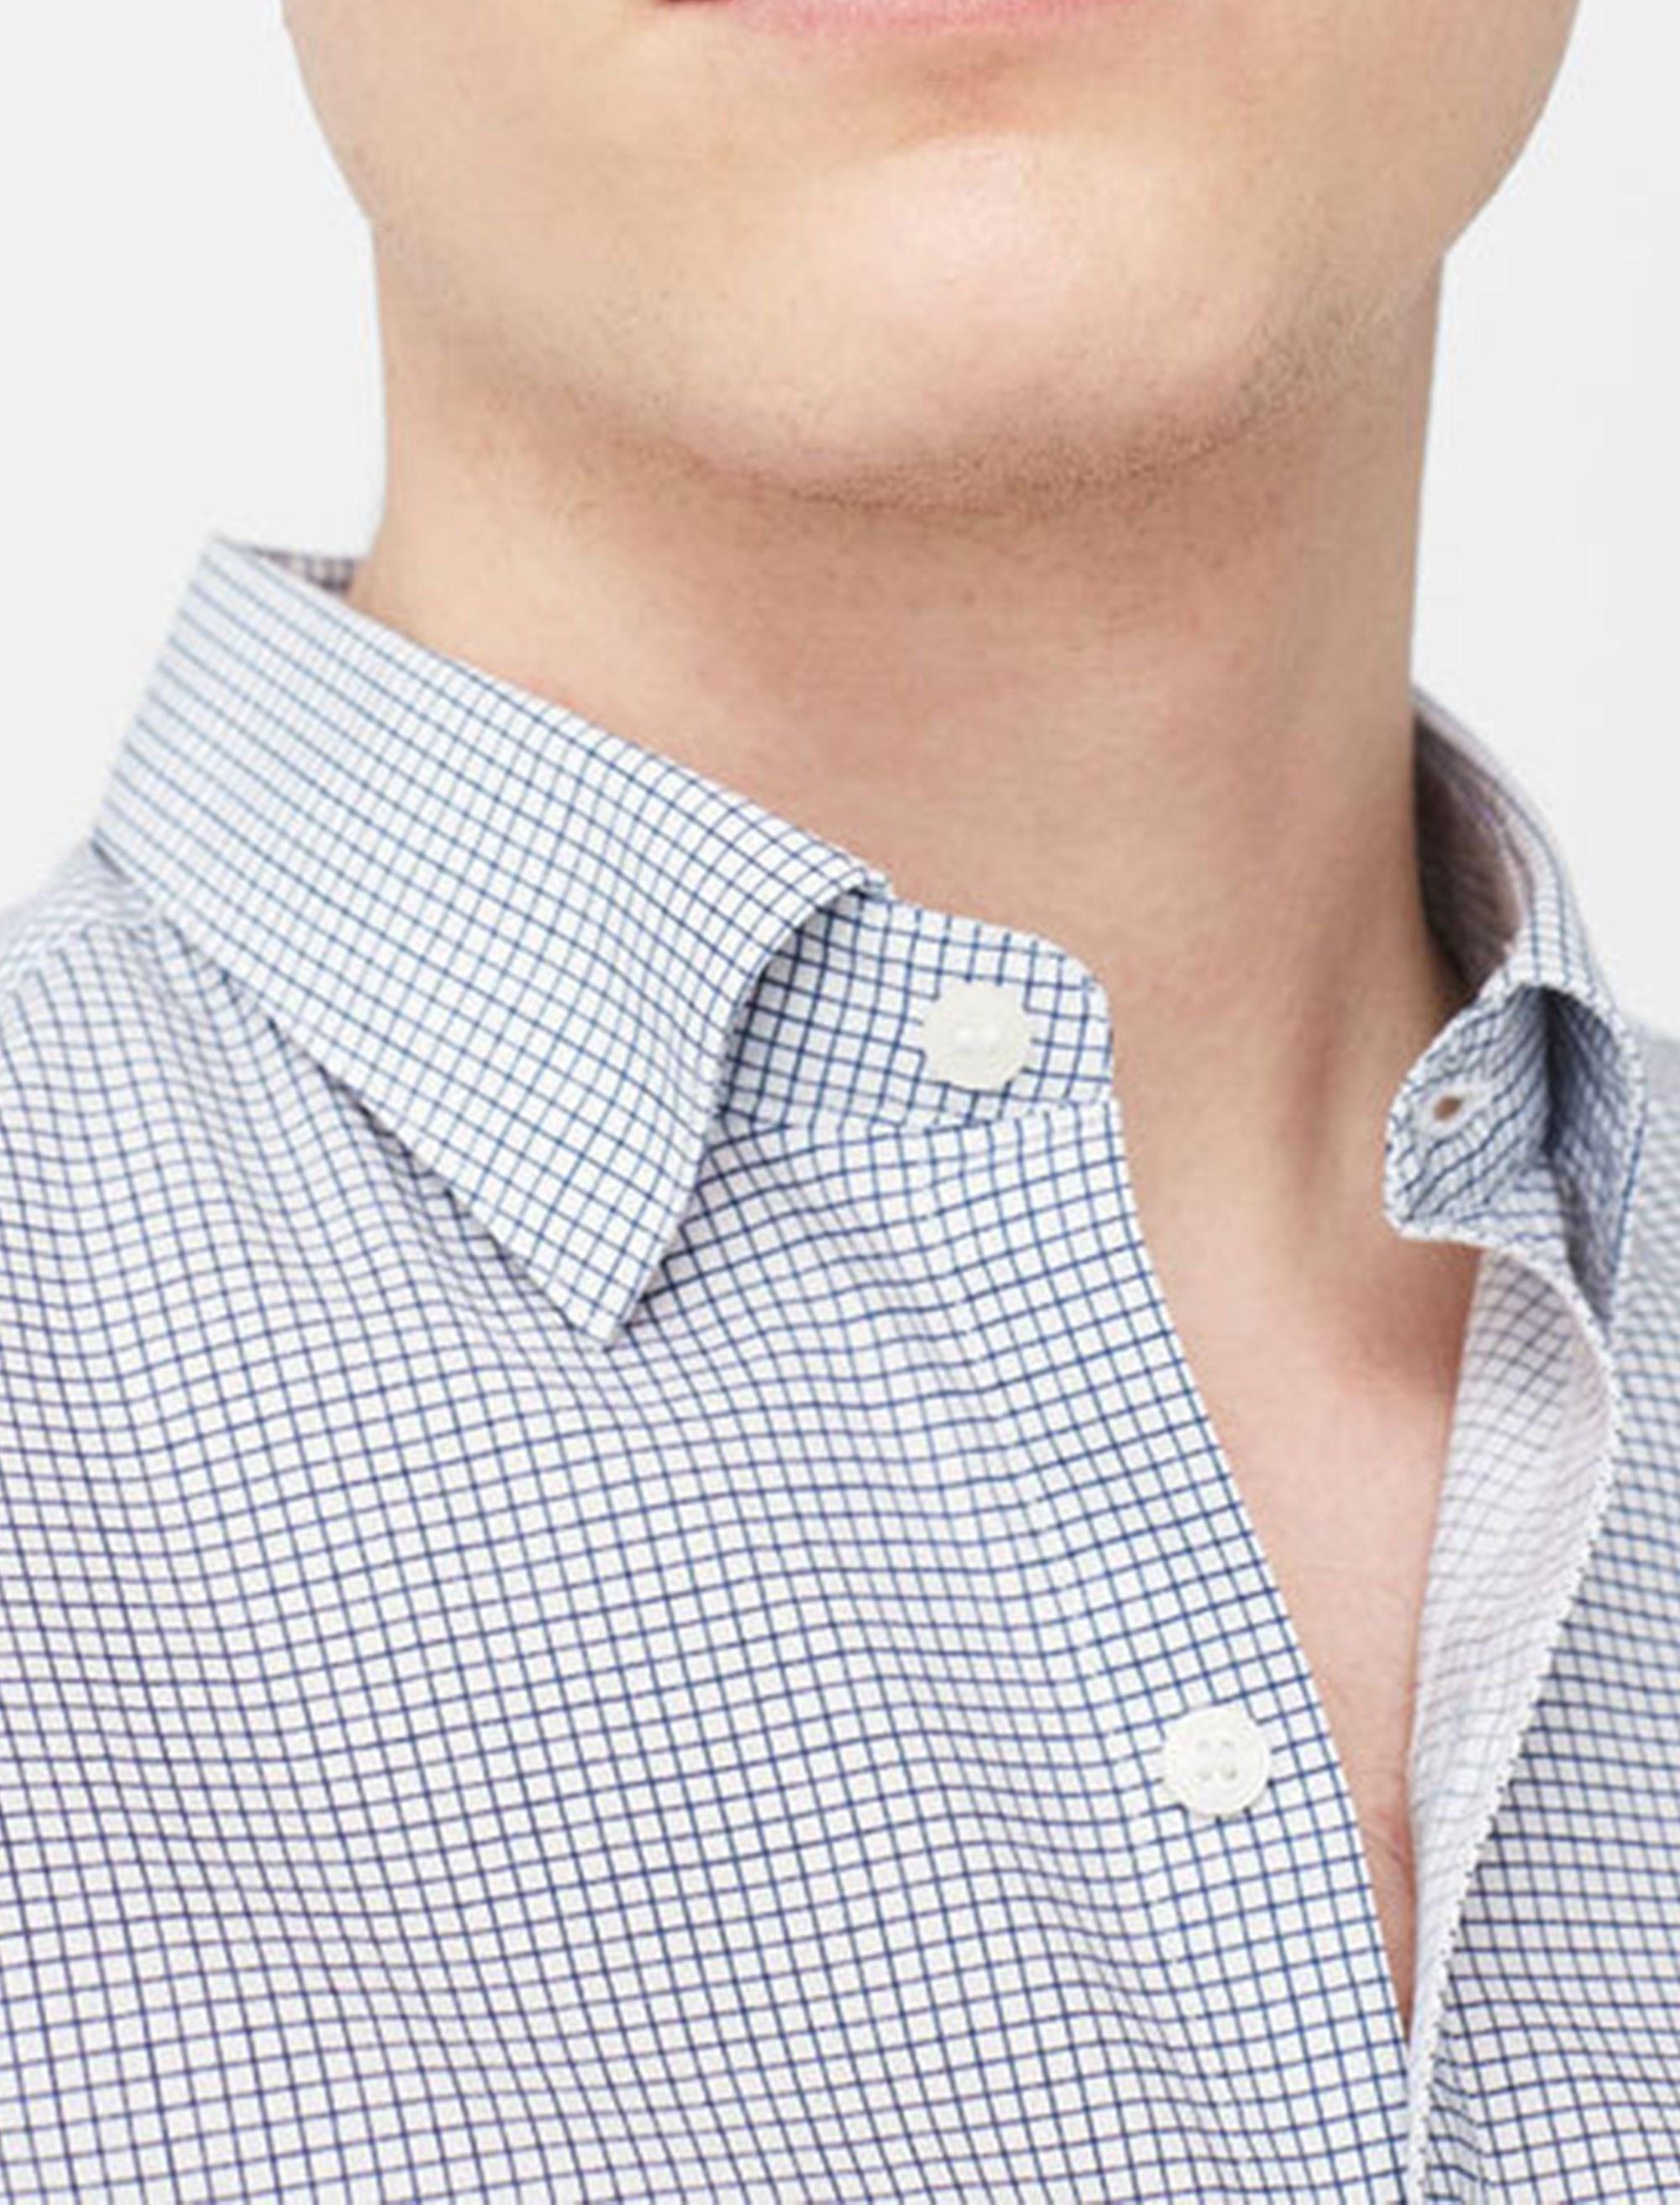 پیراهن آستین بلند مردانه - مانگو - سفيد و آبي - 2